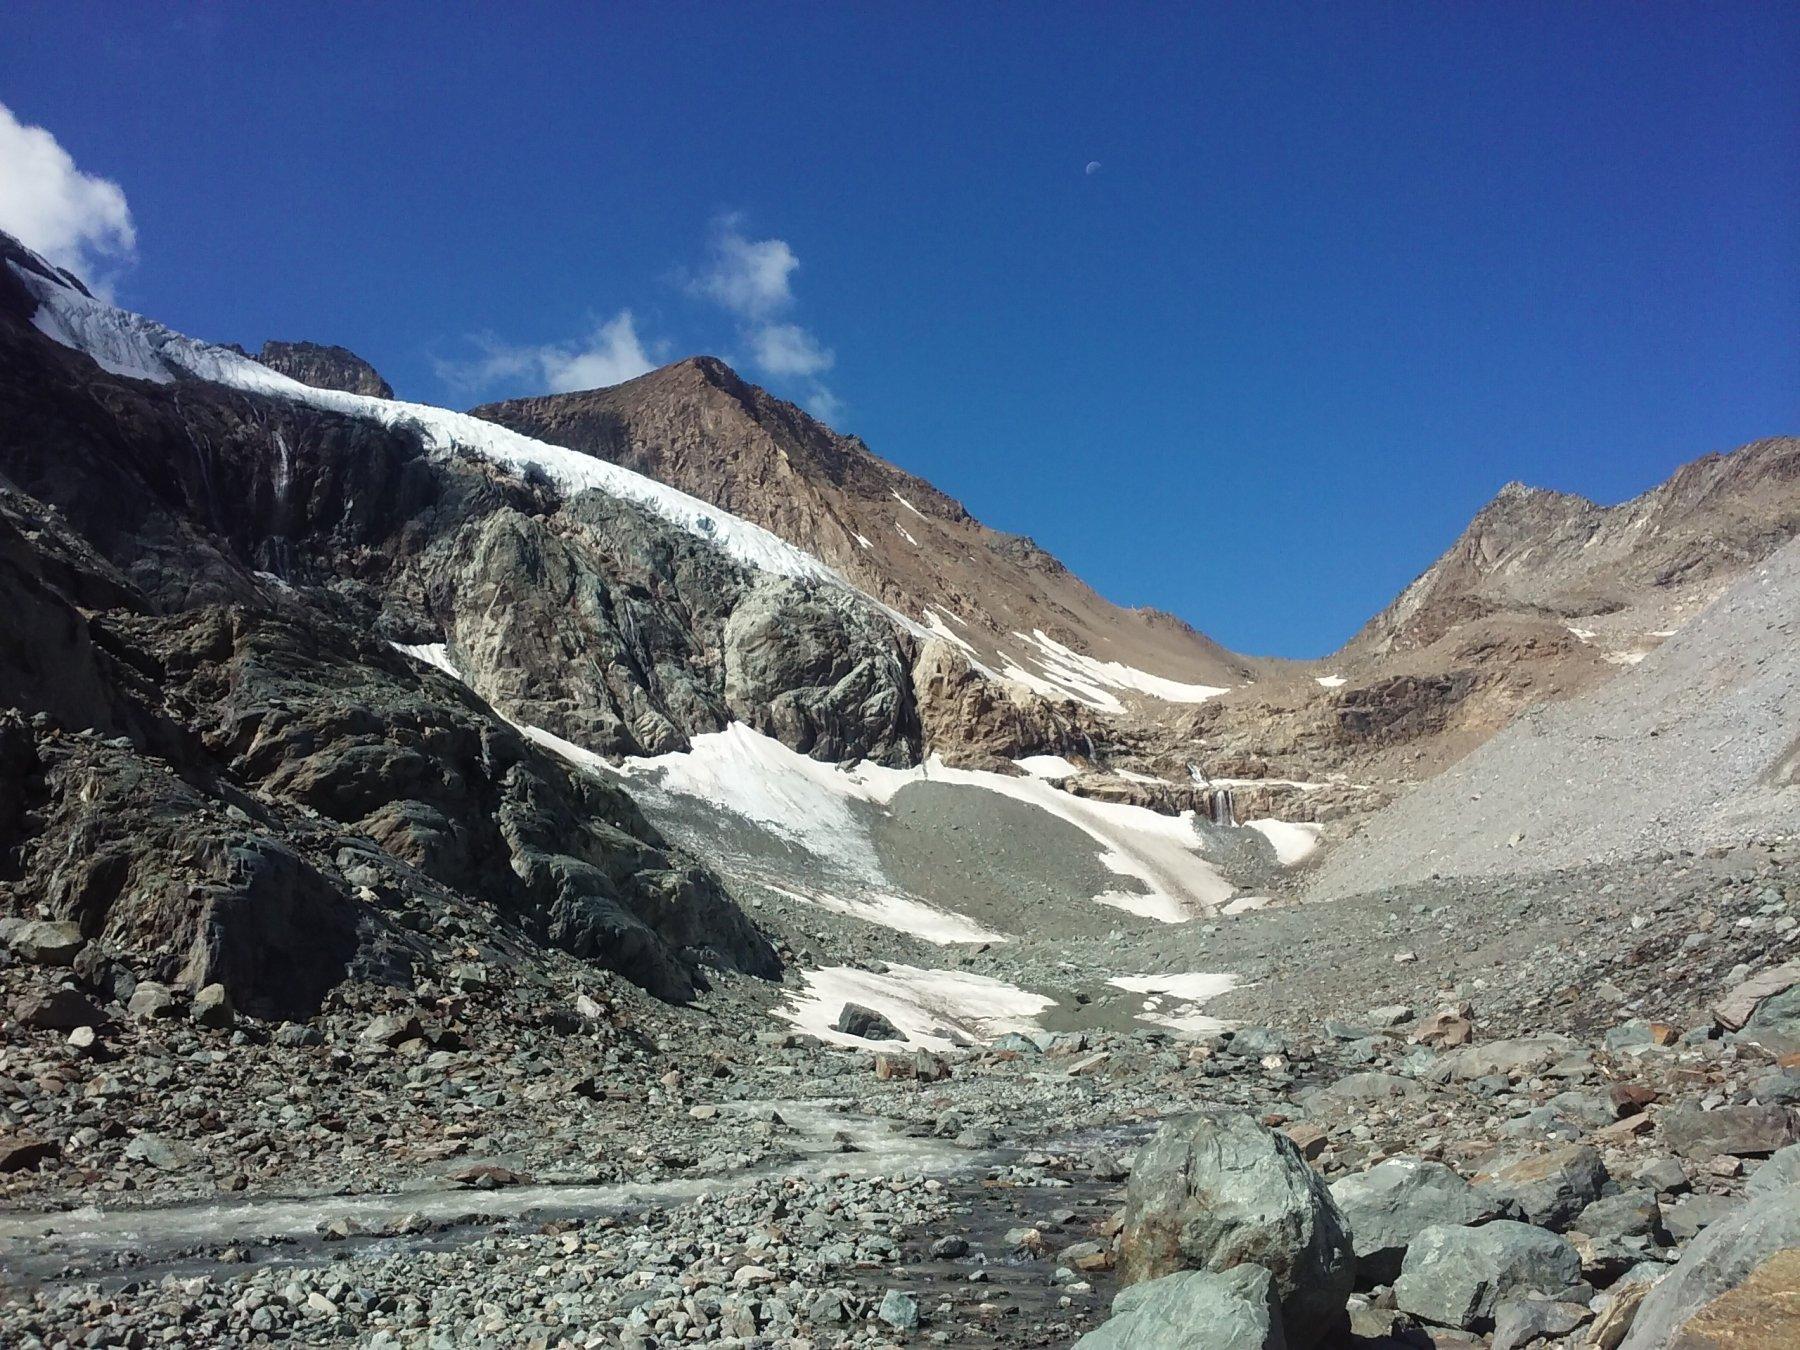 Tonini (Punta) da Forno Alpi Graie per il Vallone di Sea 2018-08-04